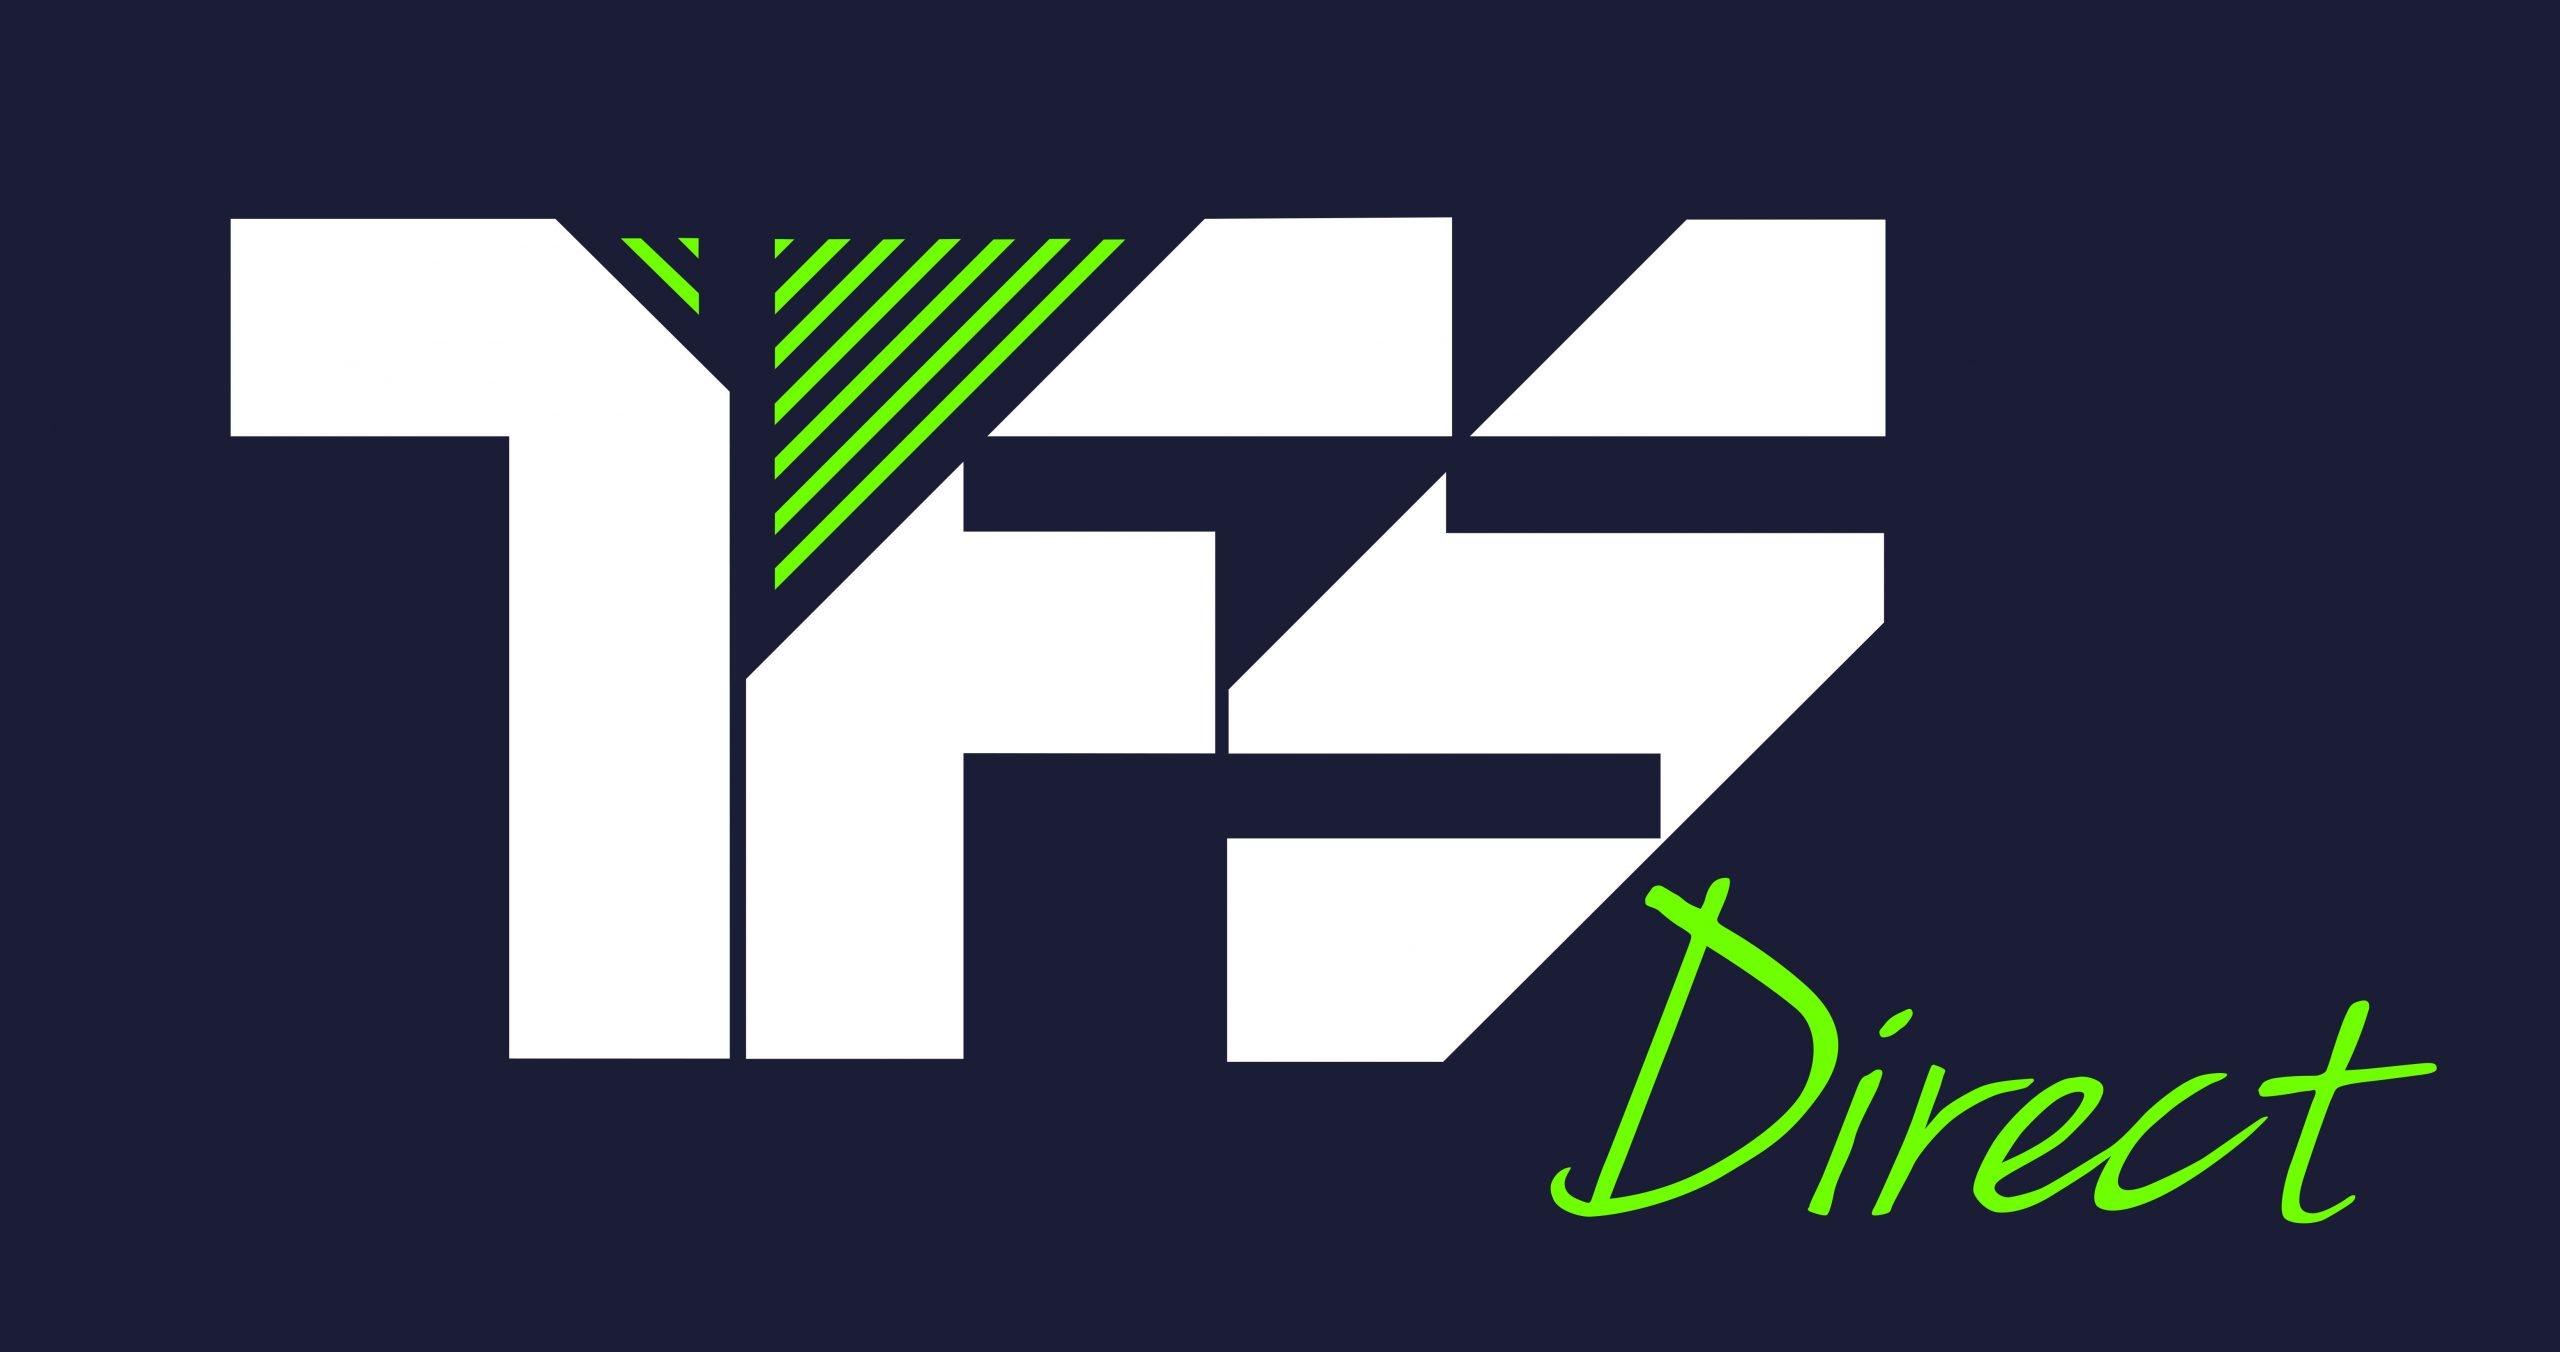 TFS Direct - A Closer Look